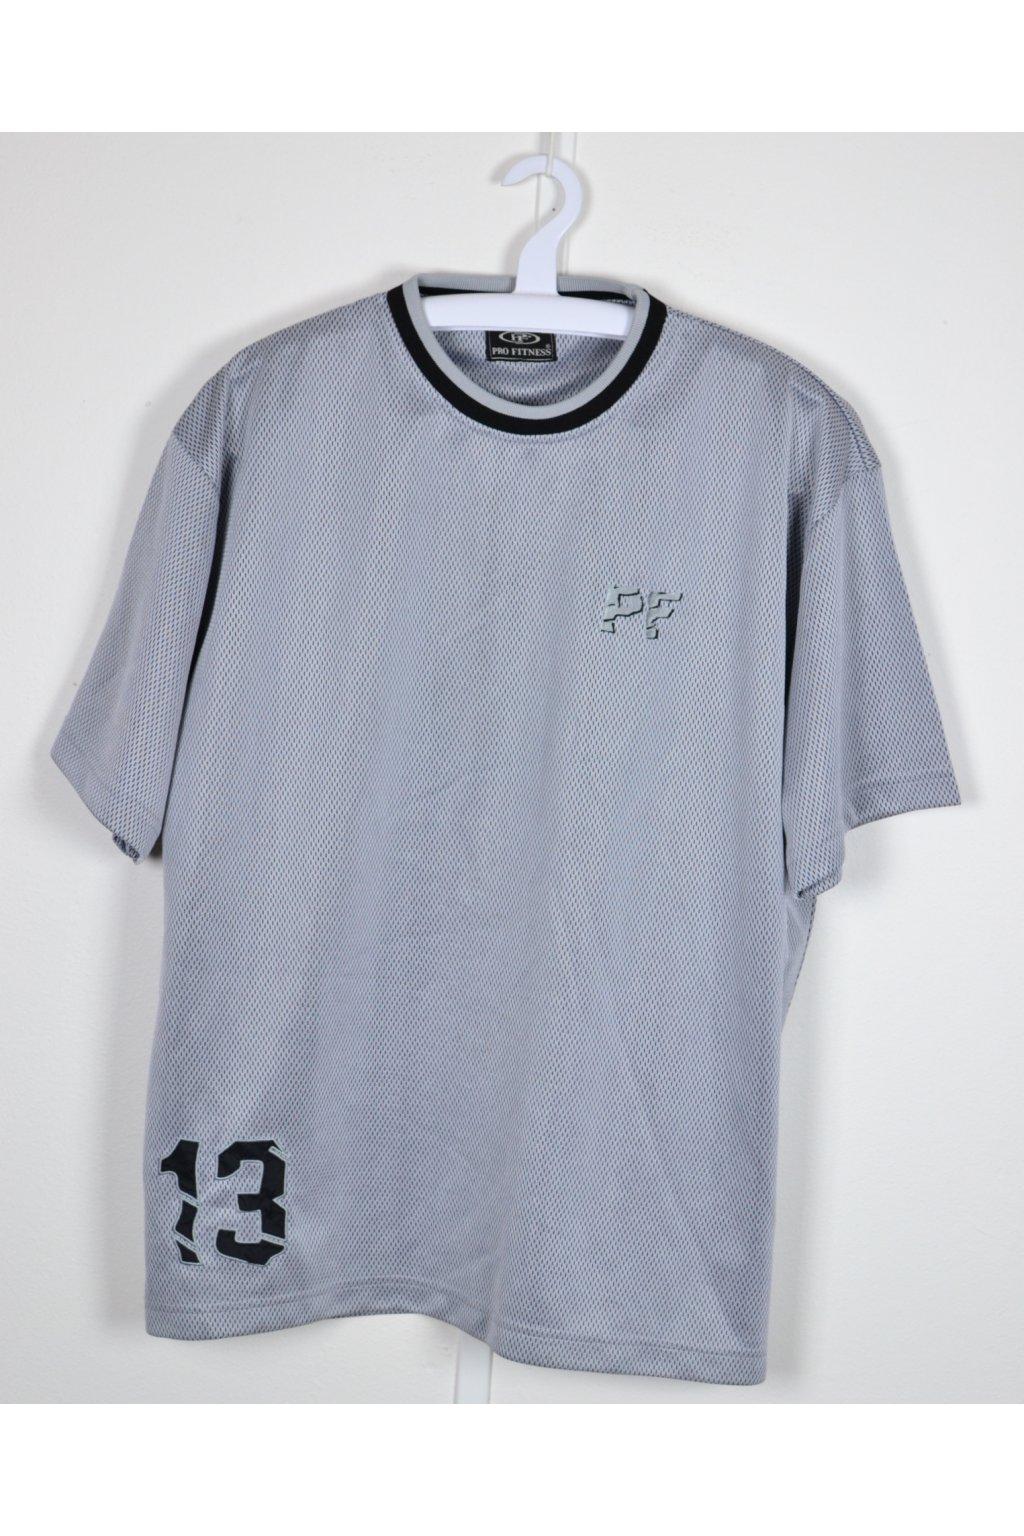 Tričko sportovní Pro fitness vel XL šedé